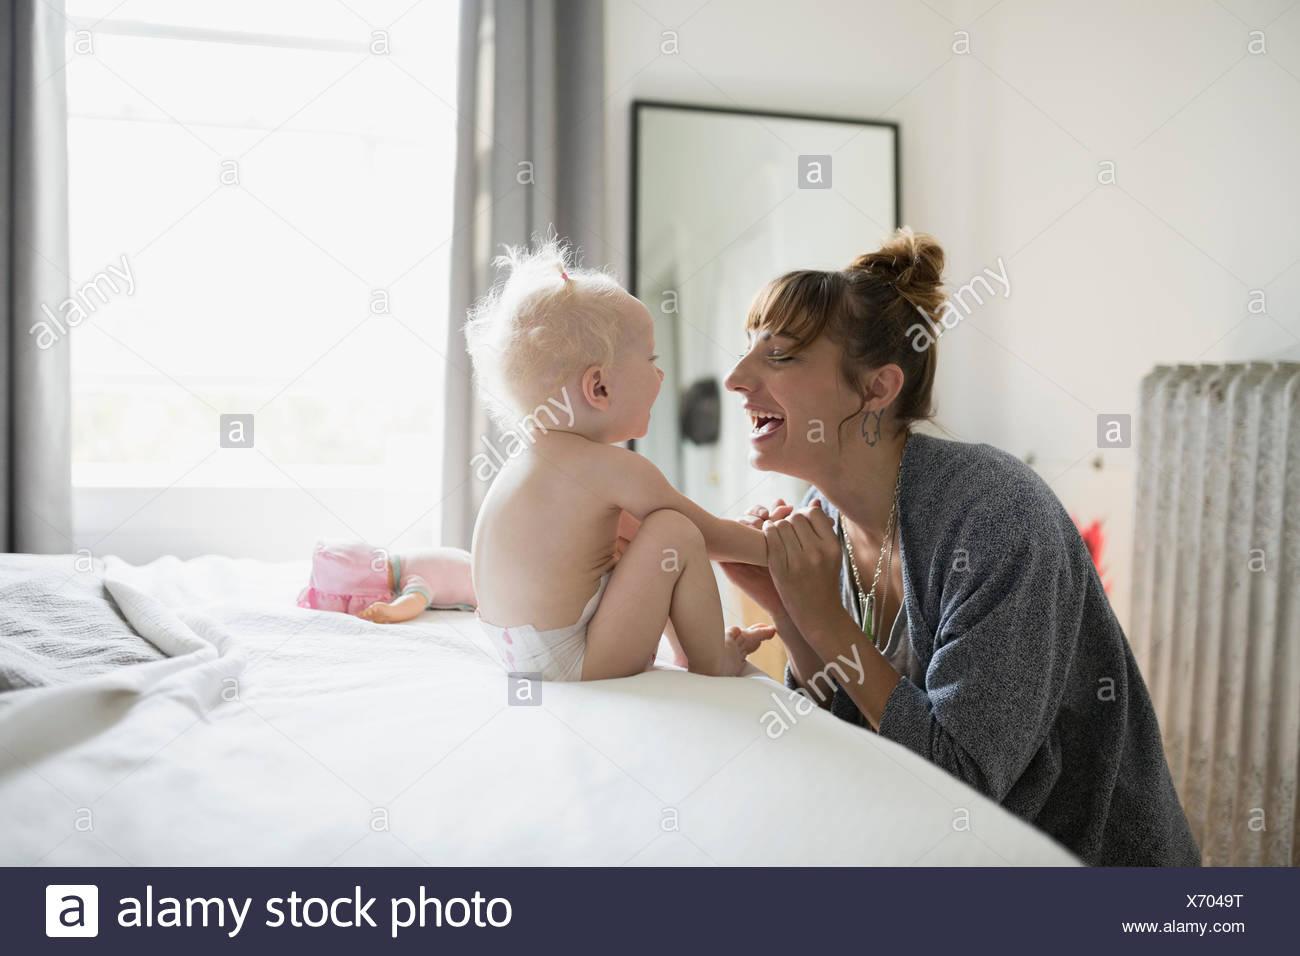 Mère et fille bébé ludique face à face sur le lit Photo Stock